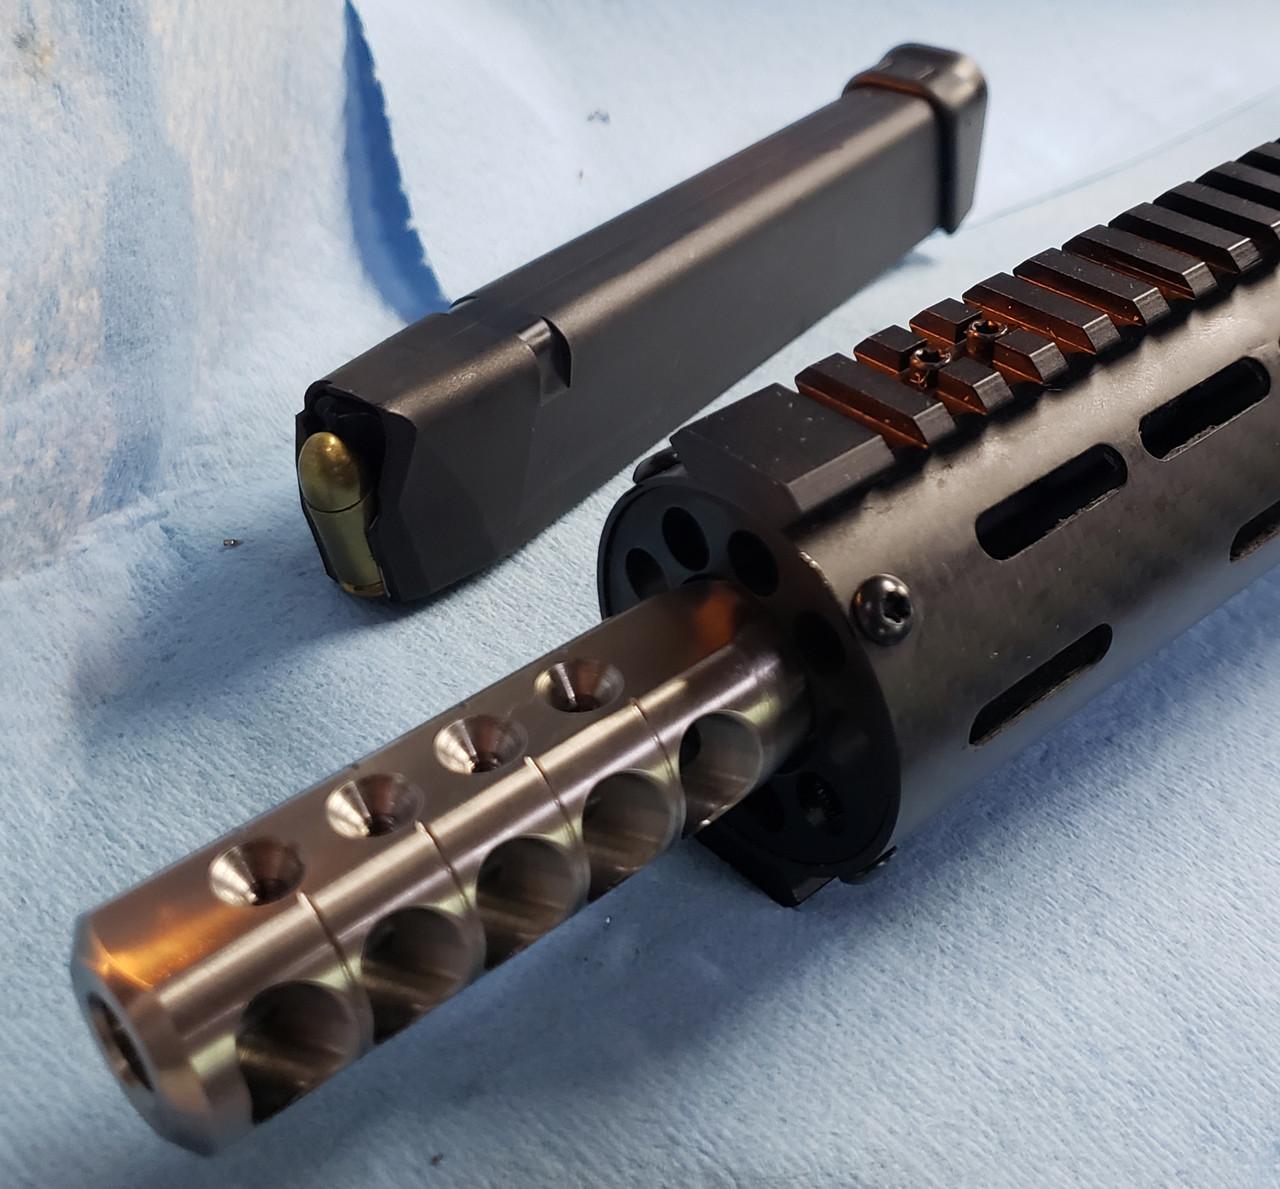 Titan Extreme PCC 9mm